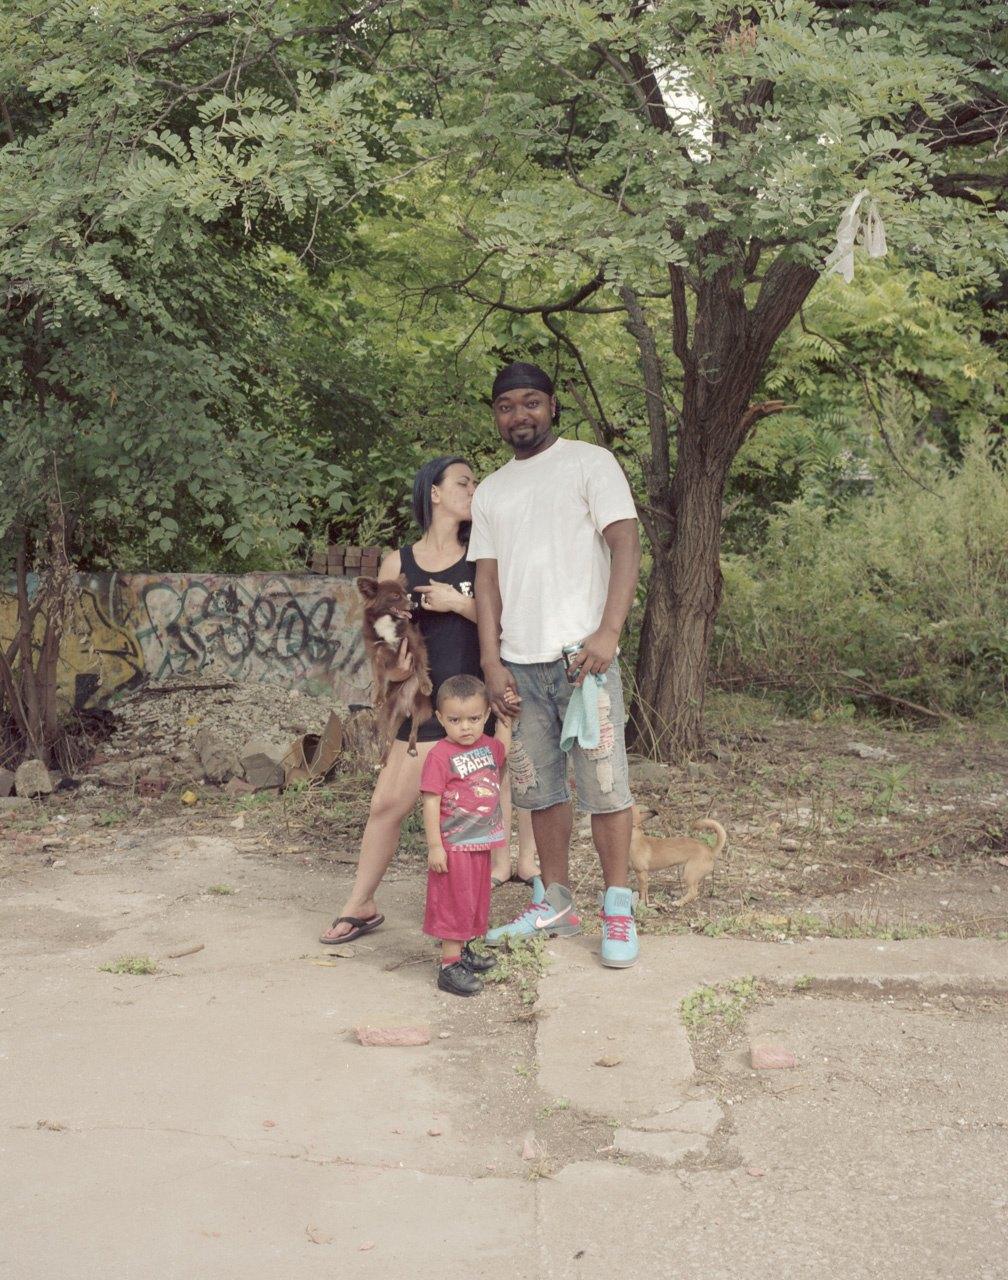 Как американские подростки построили скейт-парк в самом бедном районе Кливленда. Изображение № 24.